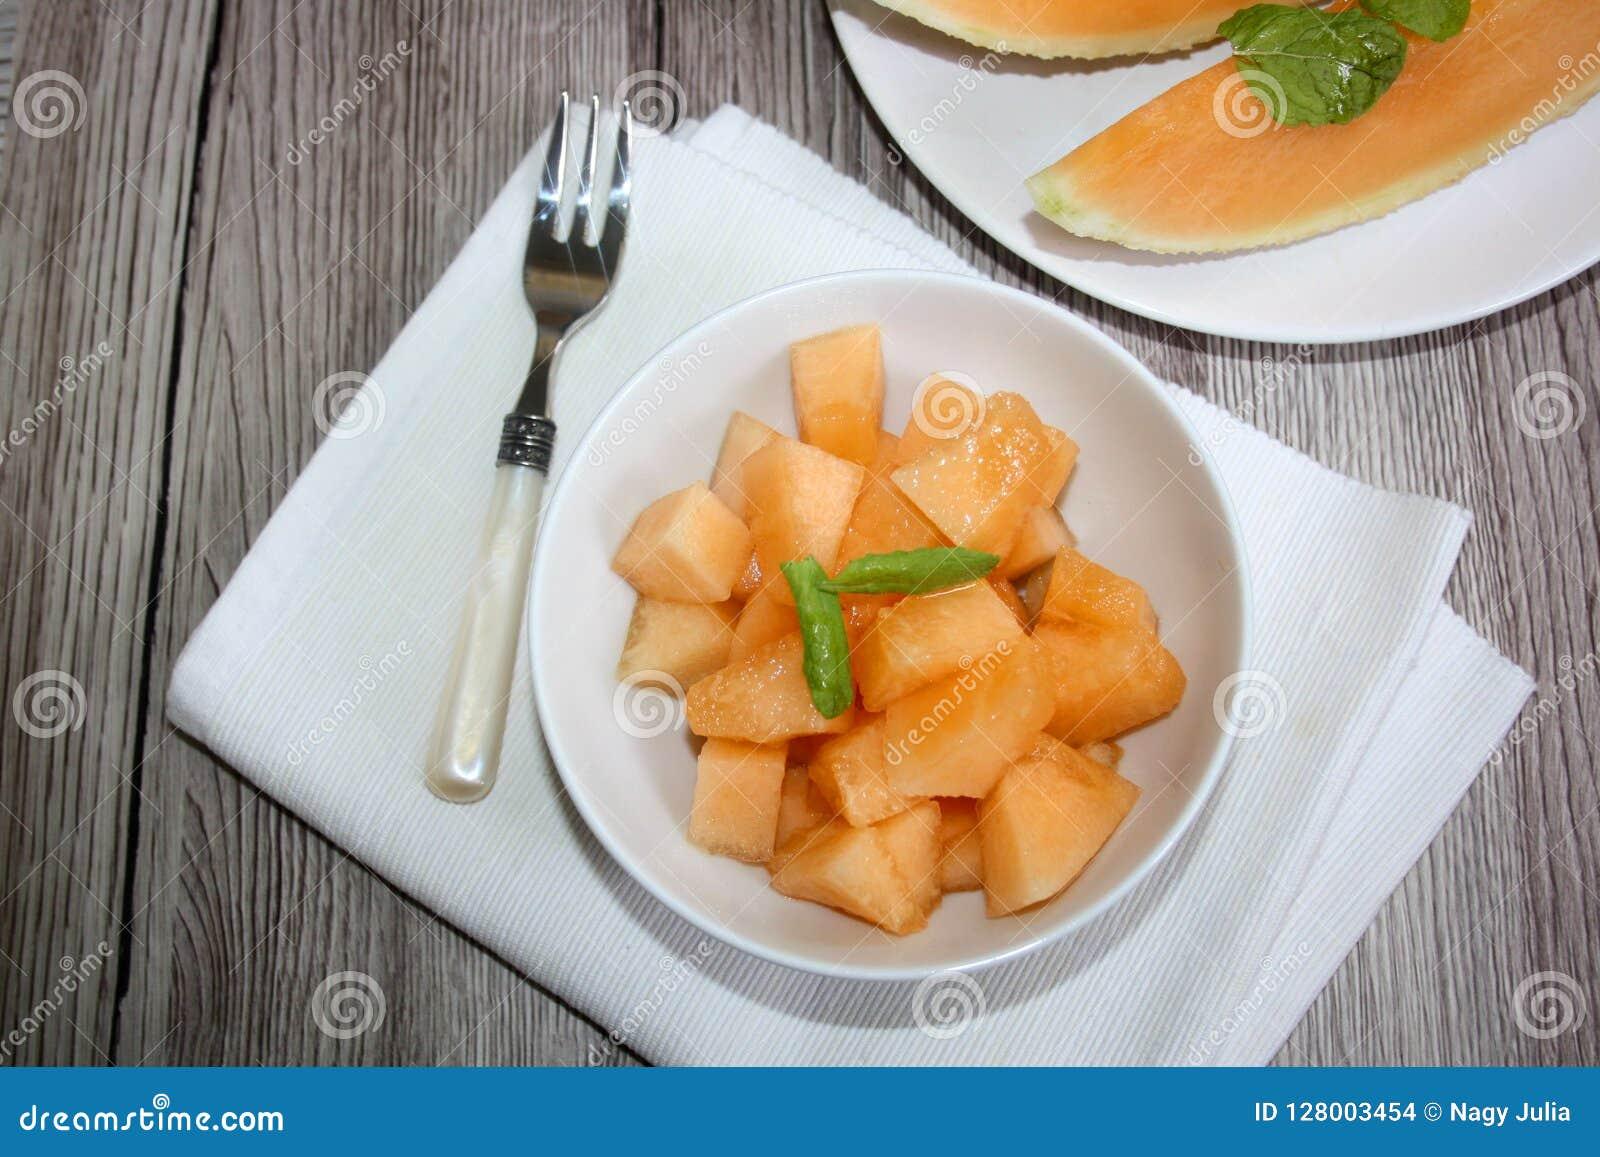 Frische, süße Melone